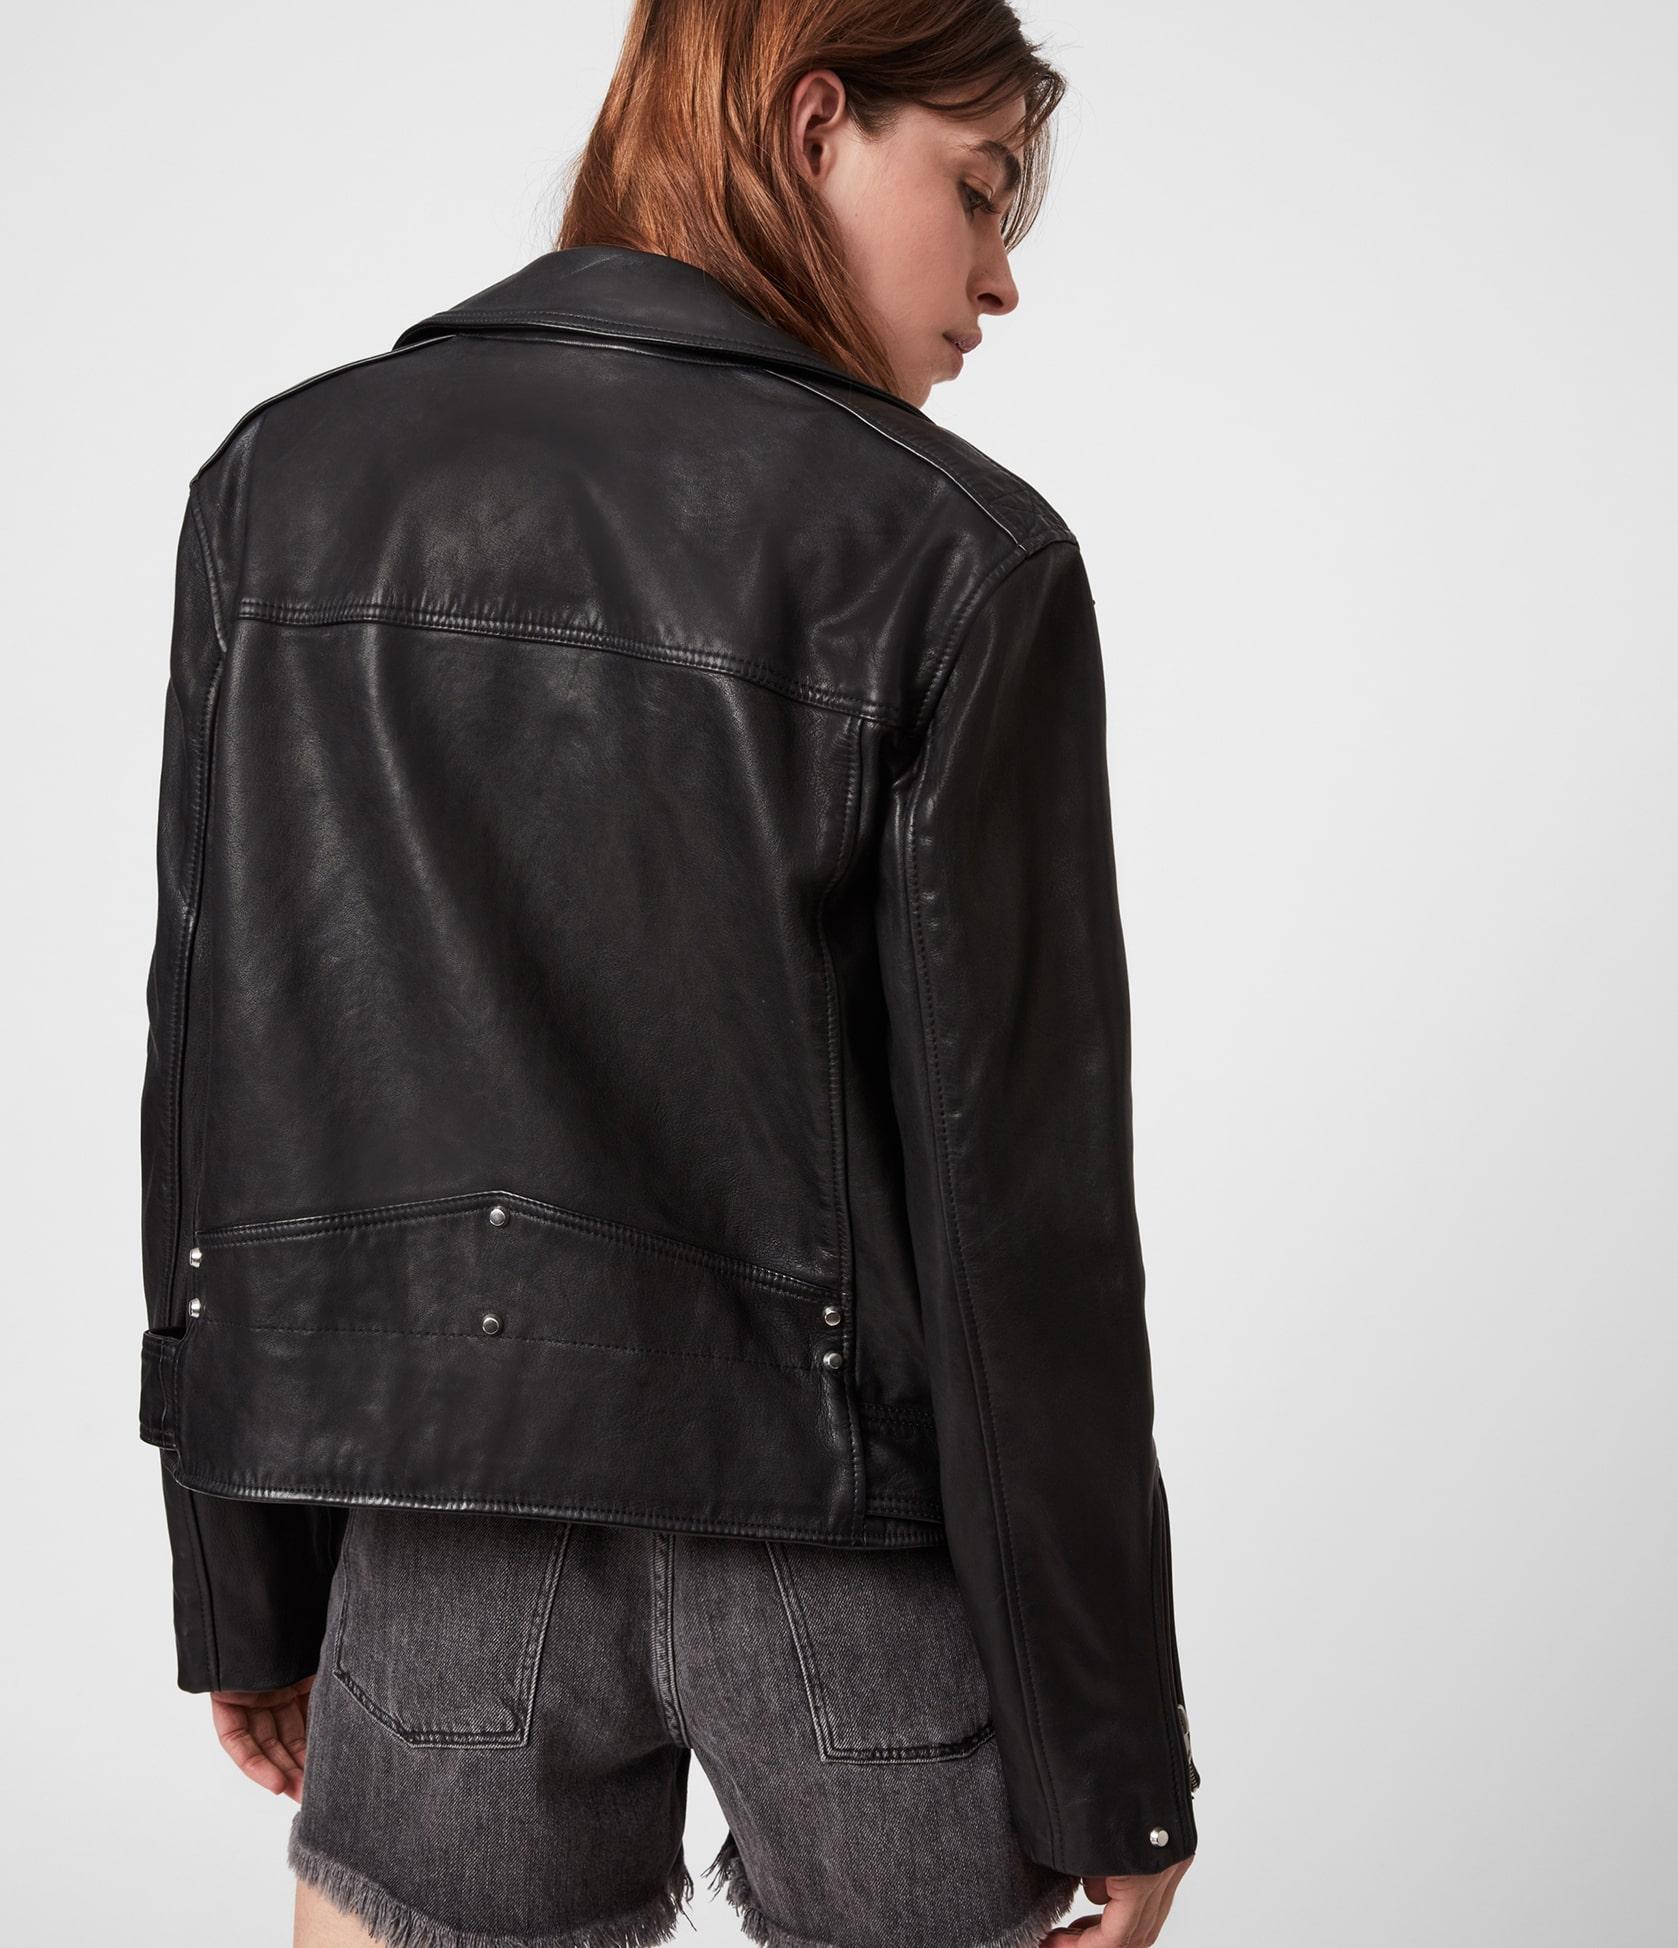 Women's Luna Leather Jacket - Side View